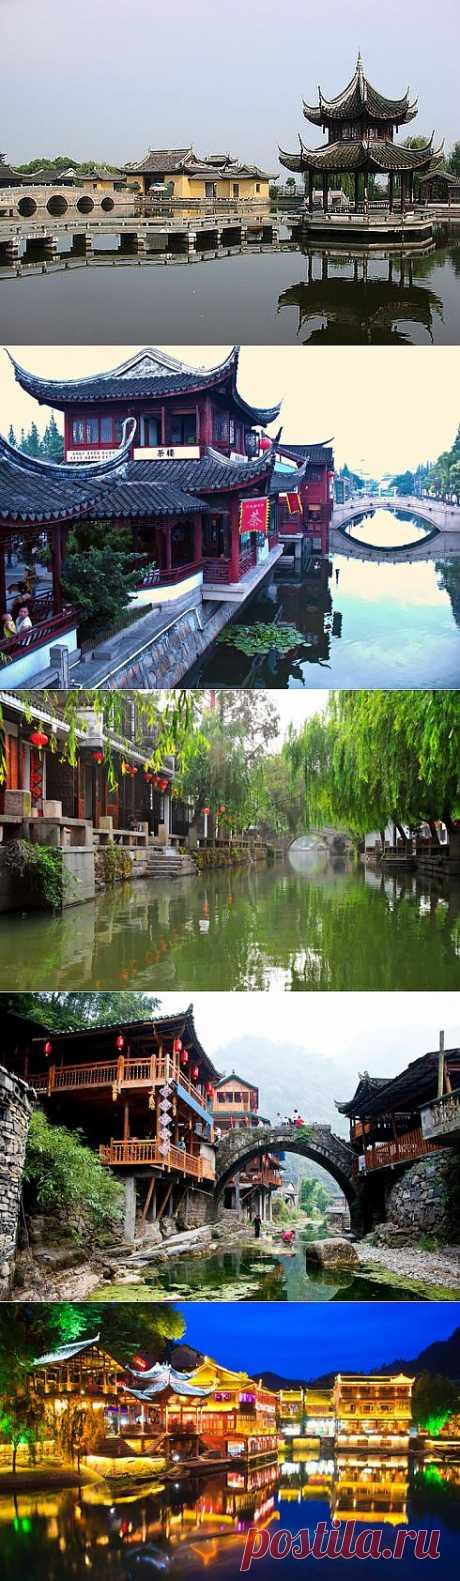 Венеция в китайском стиле | НАУКА И ЖИЗНЬ